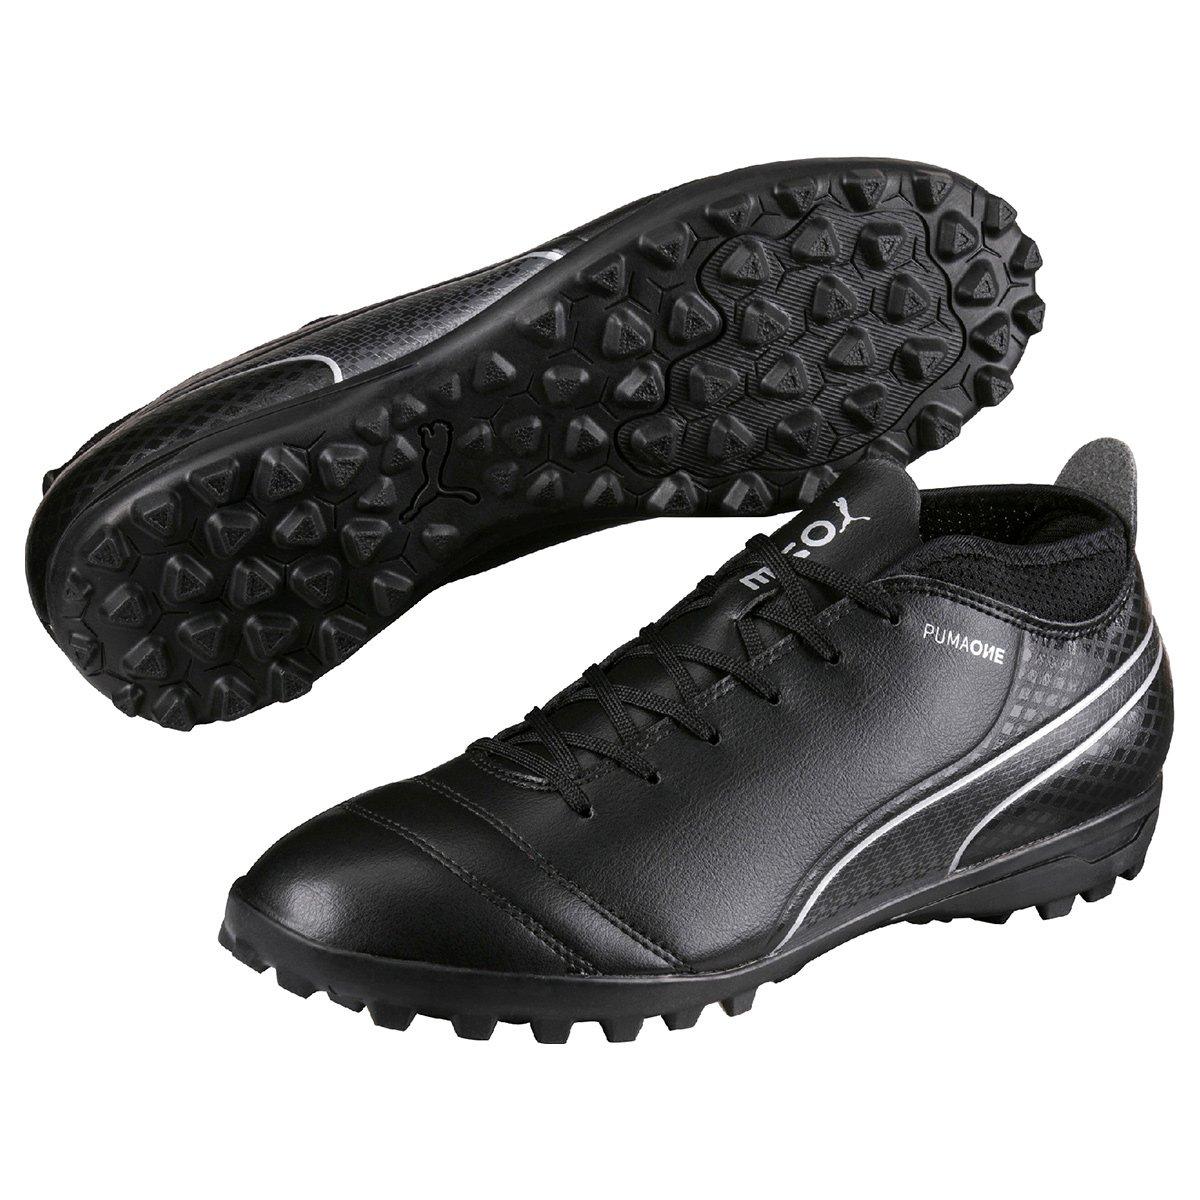 Chuteira Society Puma One 17.4 TT - Compre Agora   Netshoes e361772437